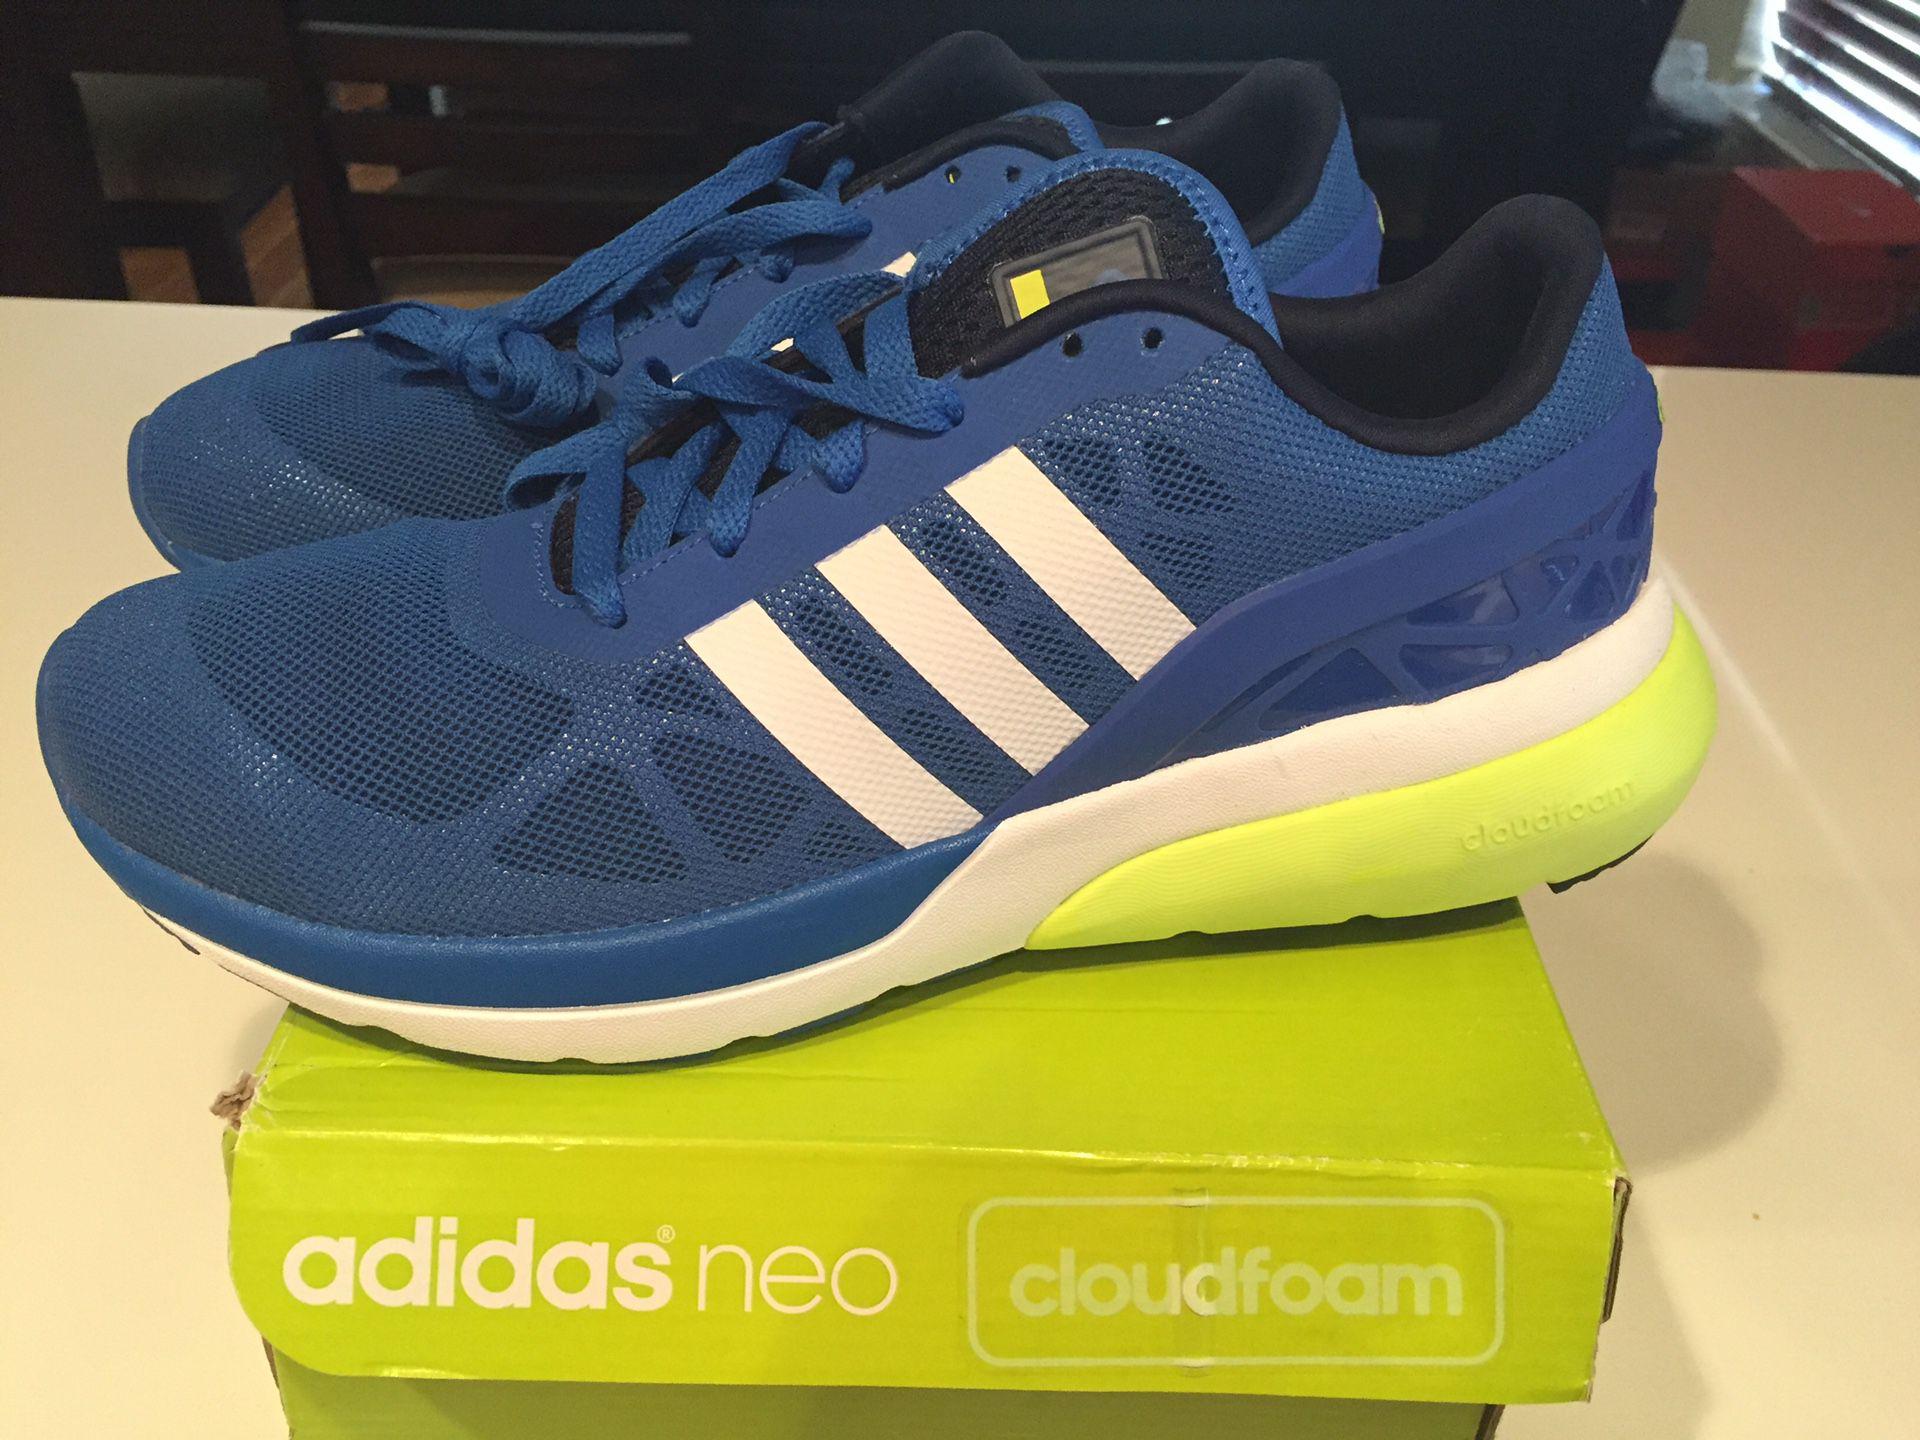 Adidas Neo Cloudfoam Flow AQ1313 Men's Tennis Shoes. Size 8.5 ...